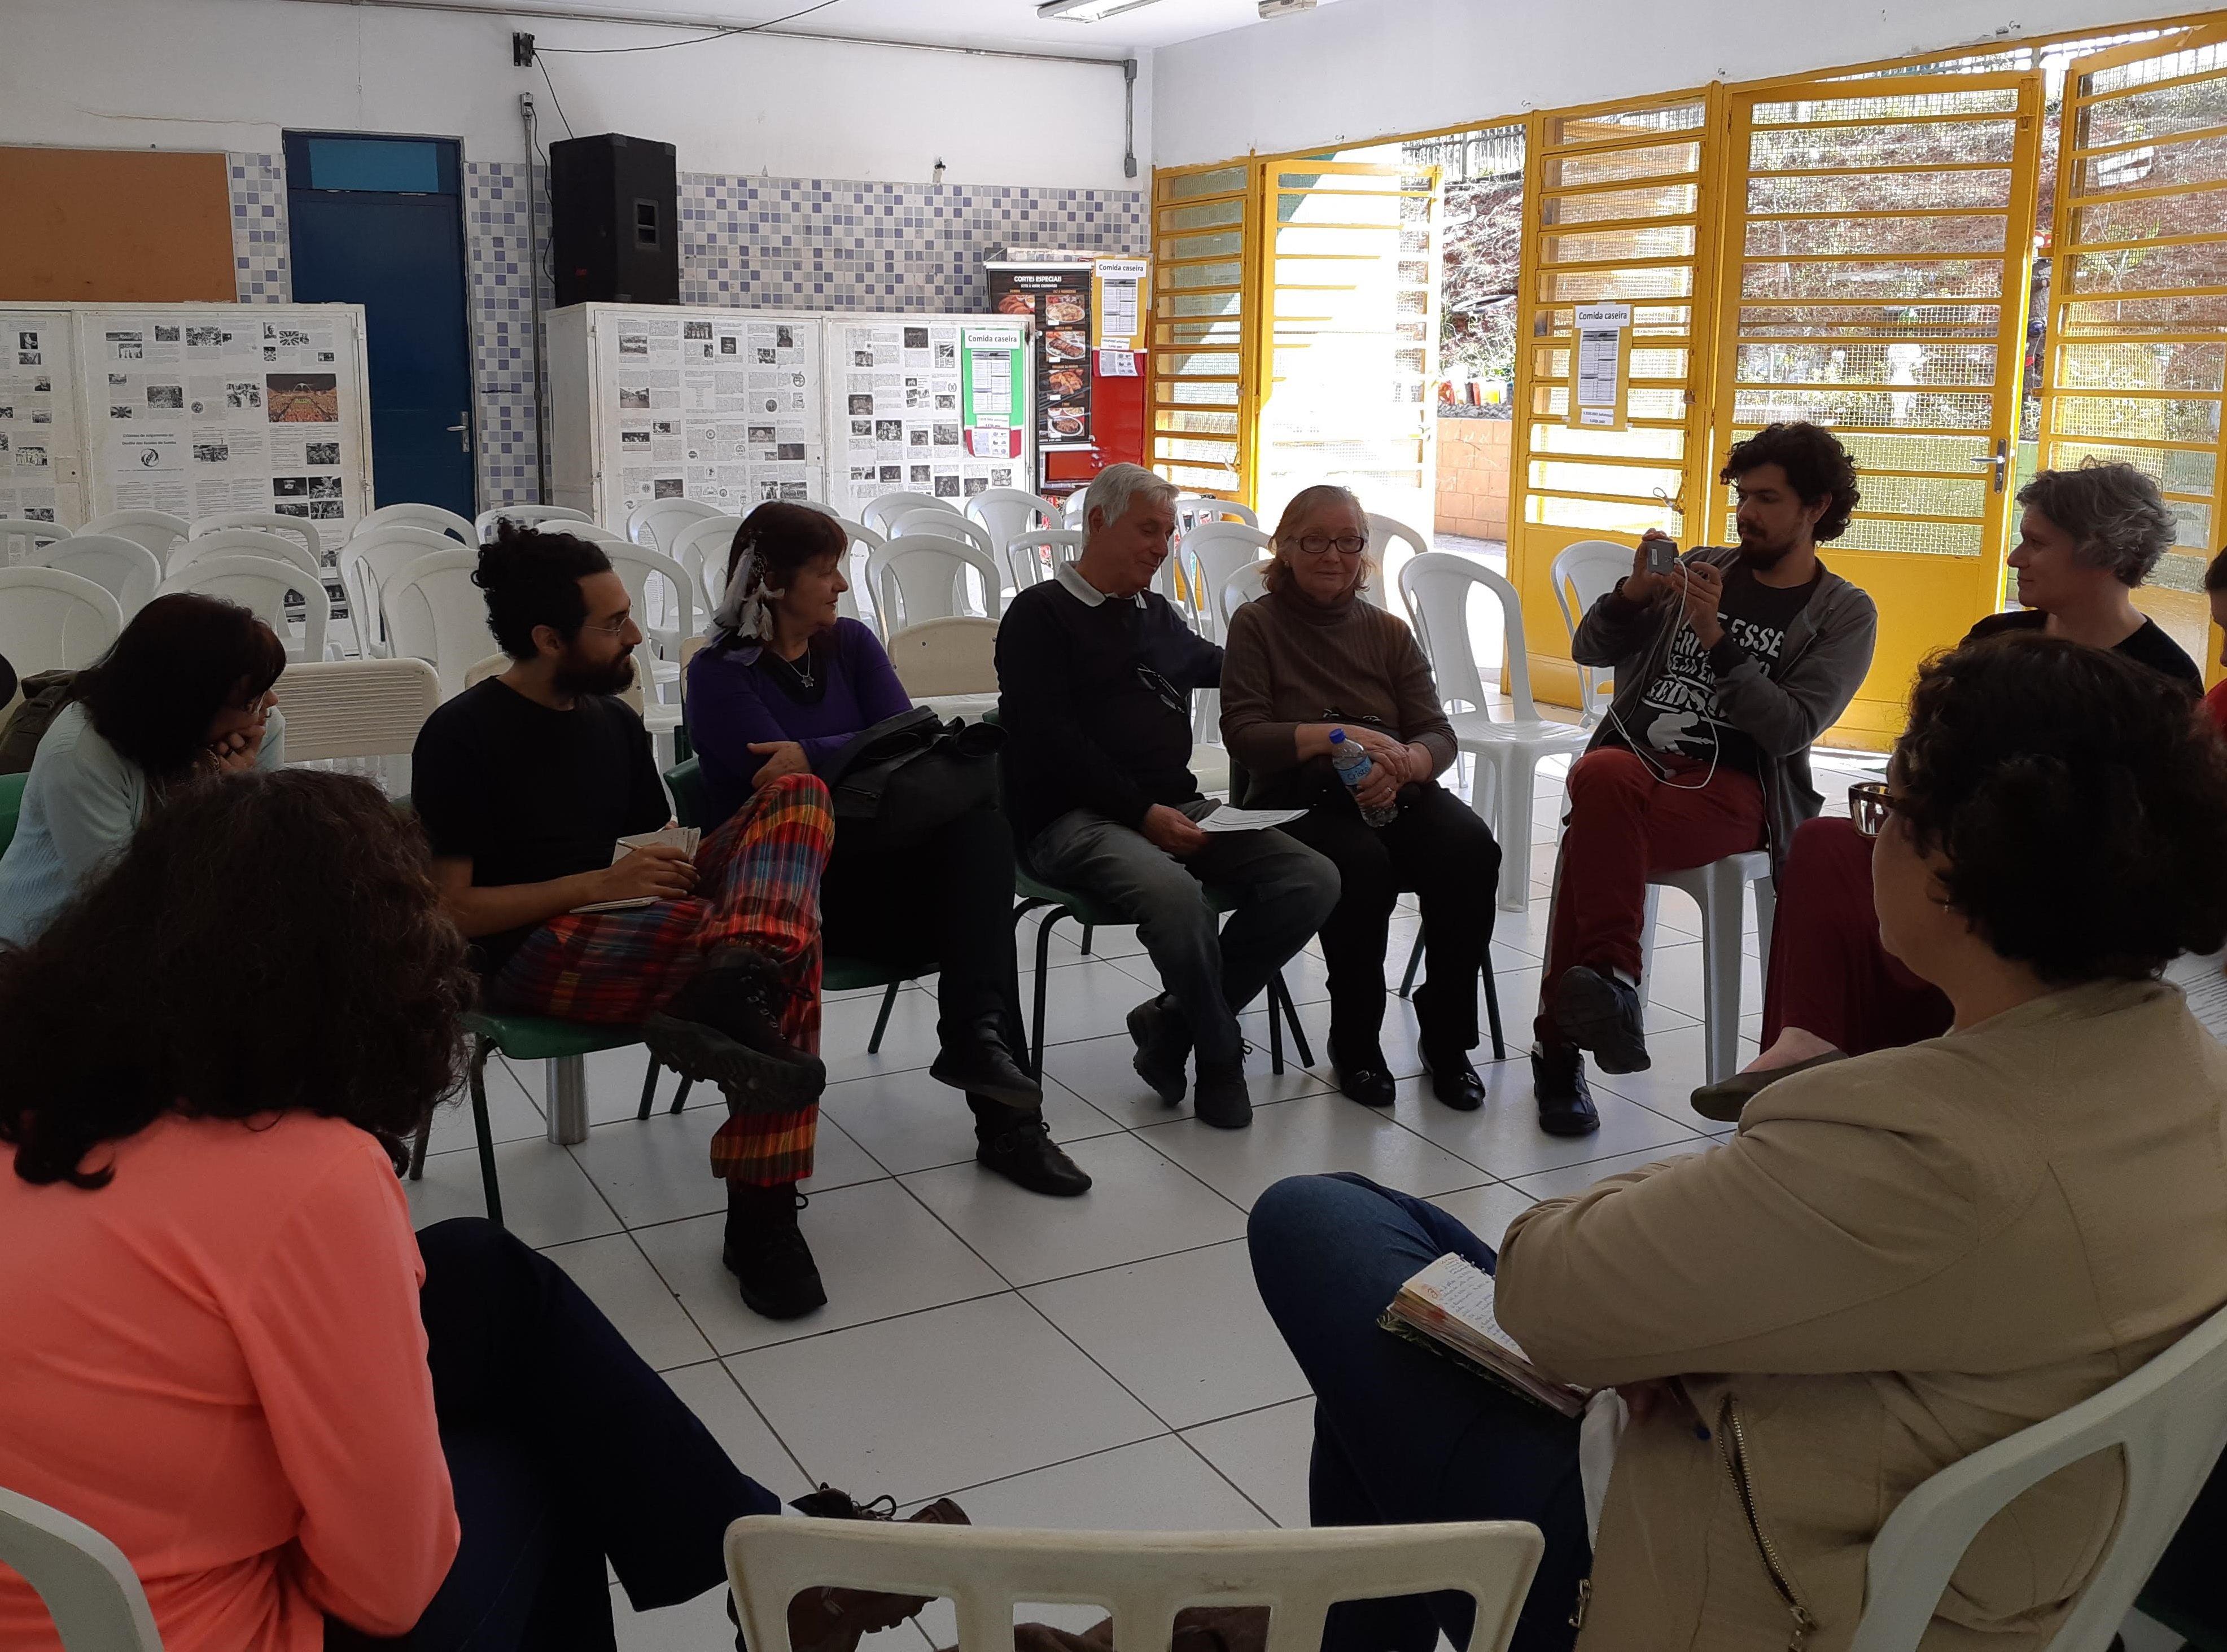 Roda de conversa durante Conane Paulista, realizada na A diretora faz uma apresentação sobre a EMEF Professor Enzo Antonio Silvestrin.